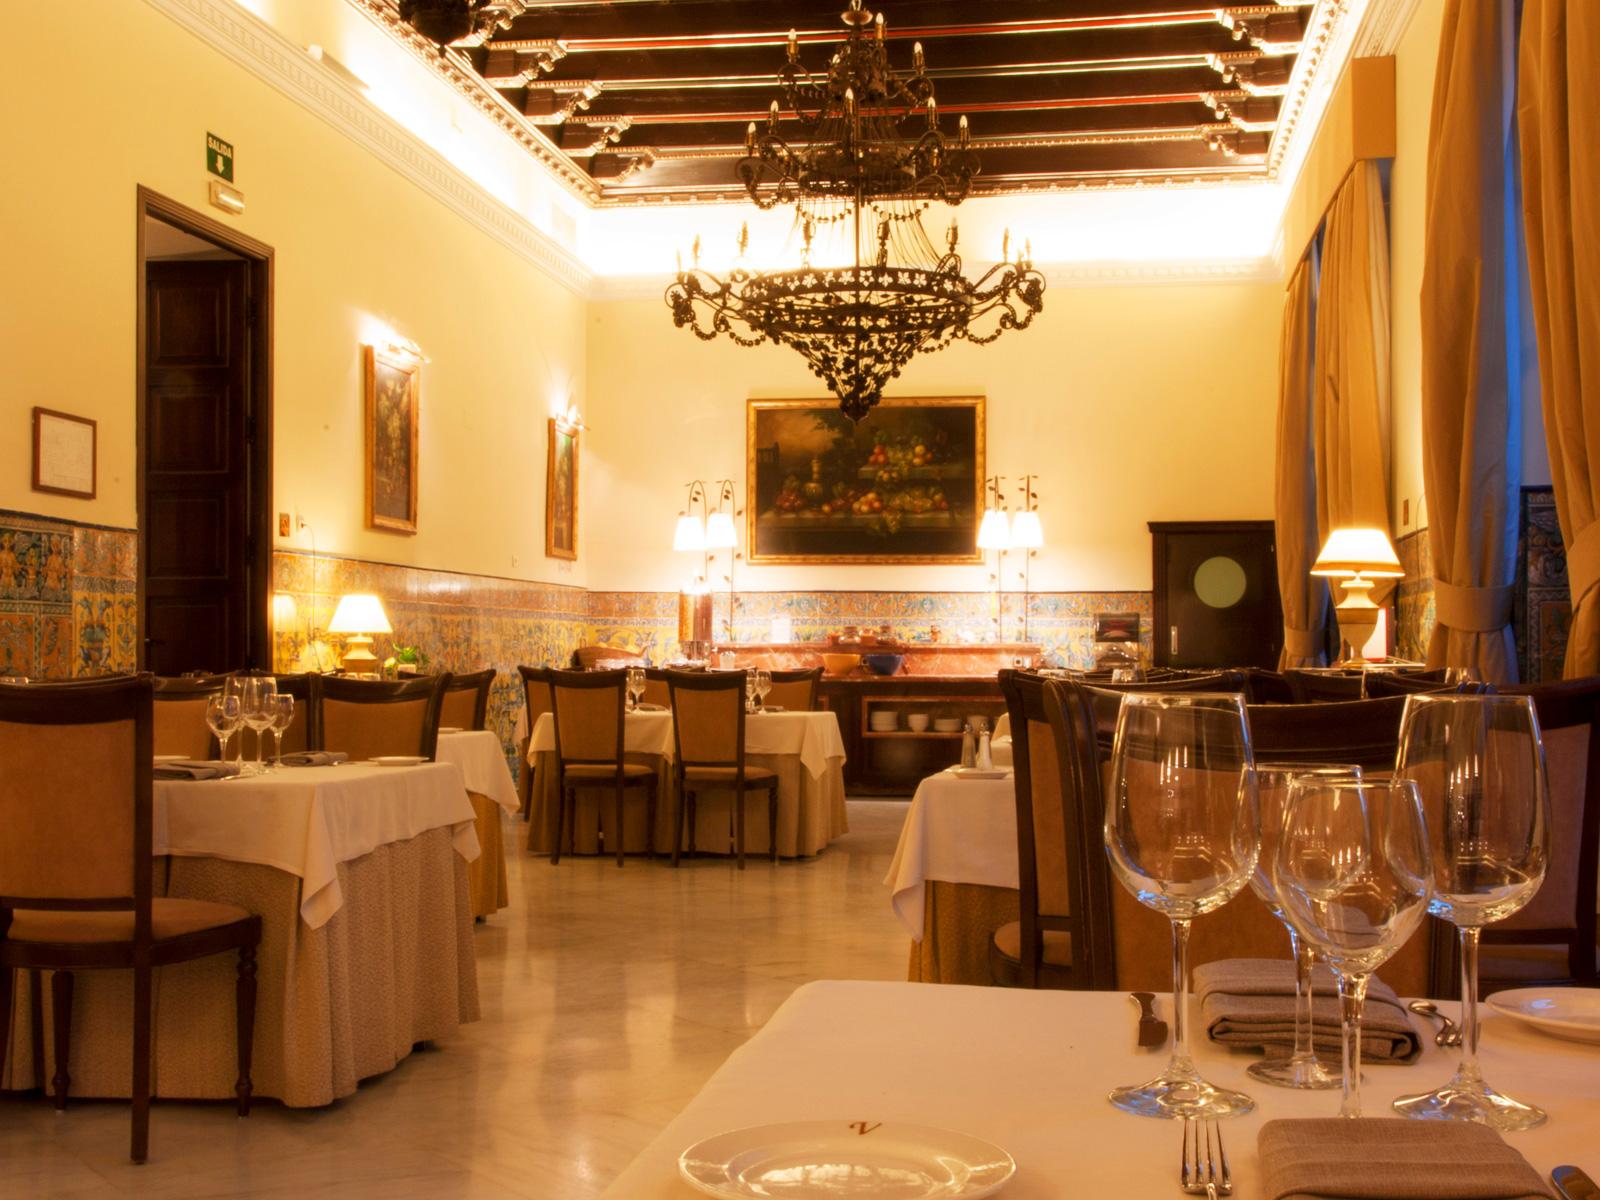 Restaurante Los Patios - Vincci La Rábida 4*